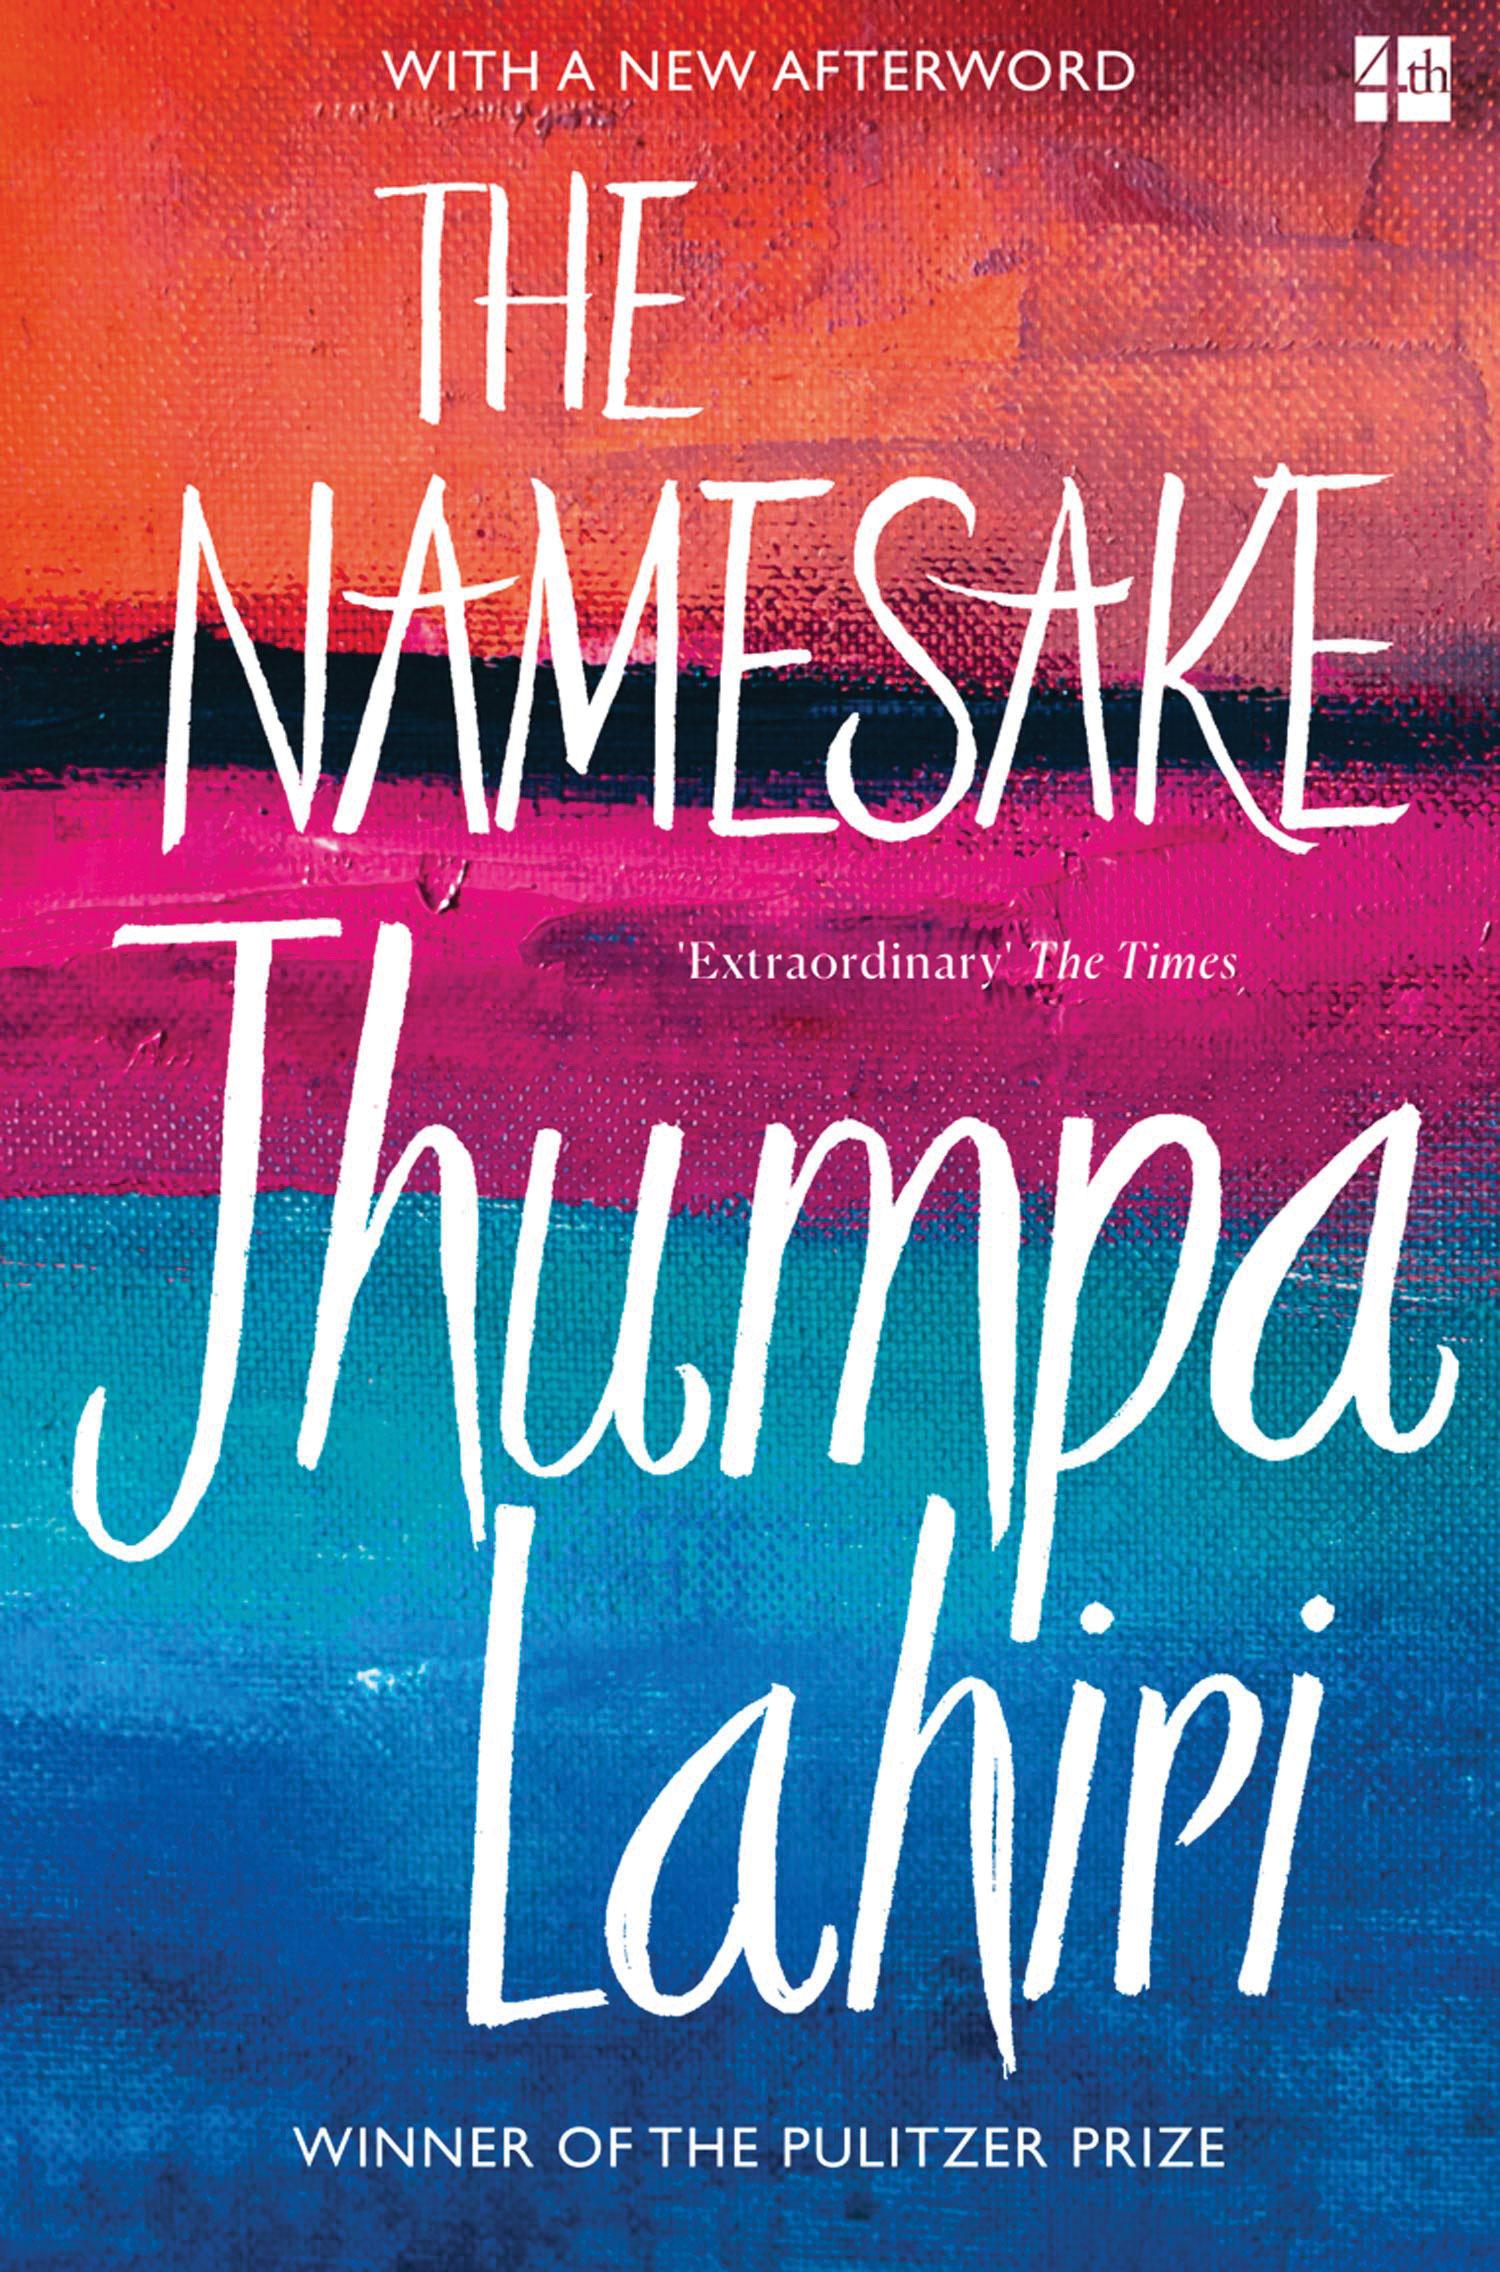 """Cover for Pulitzer Prize winner """"The Namesake"""" by Jhumpa Lahiri"""